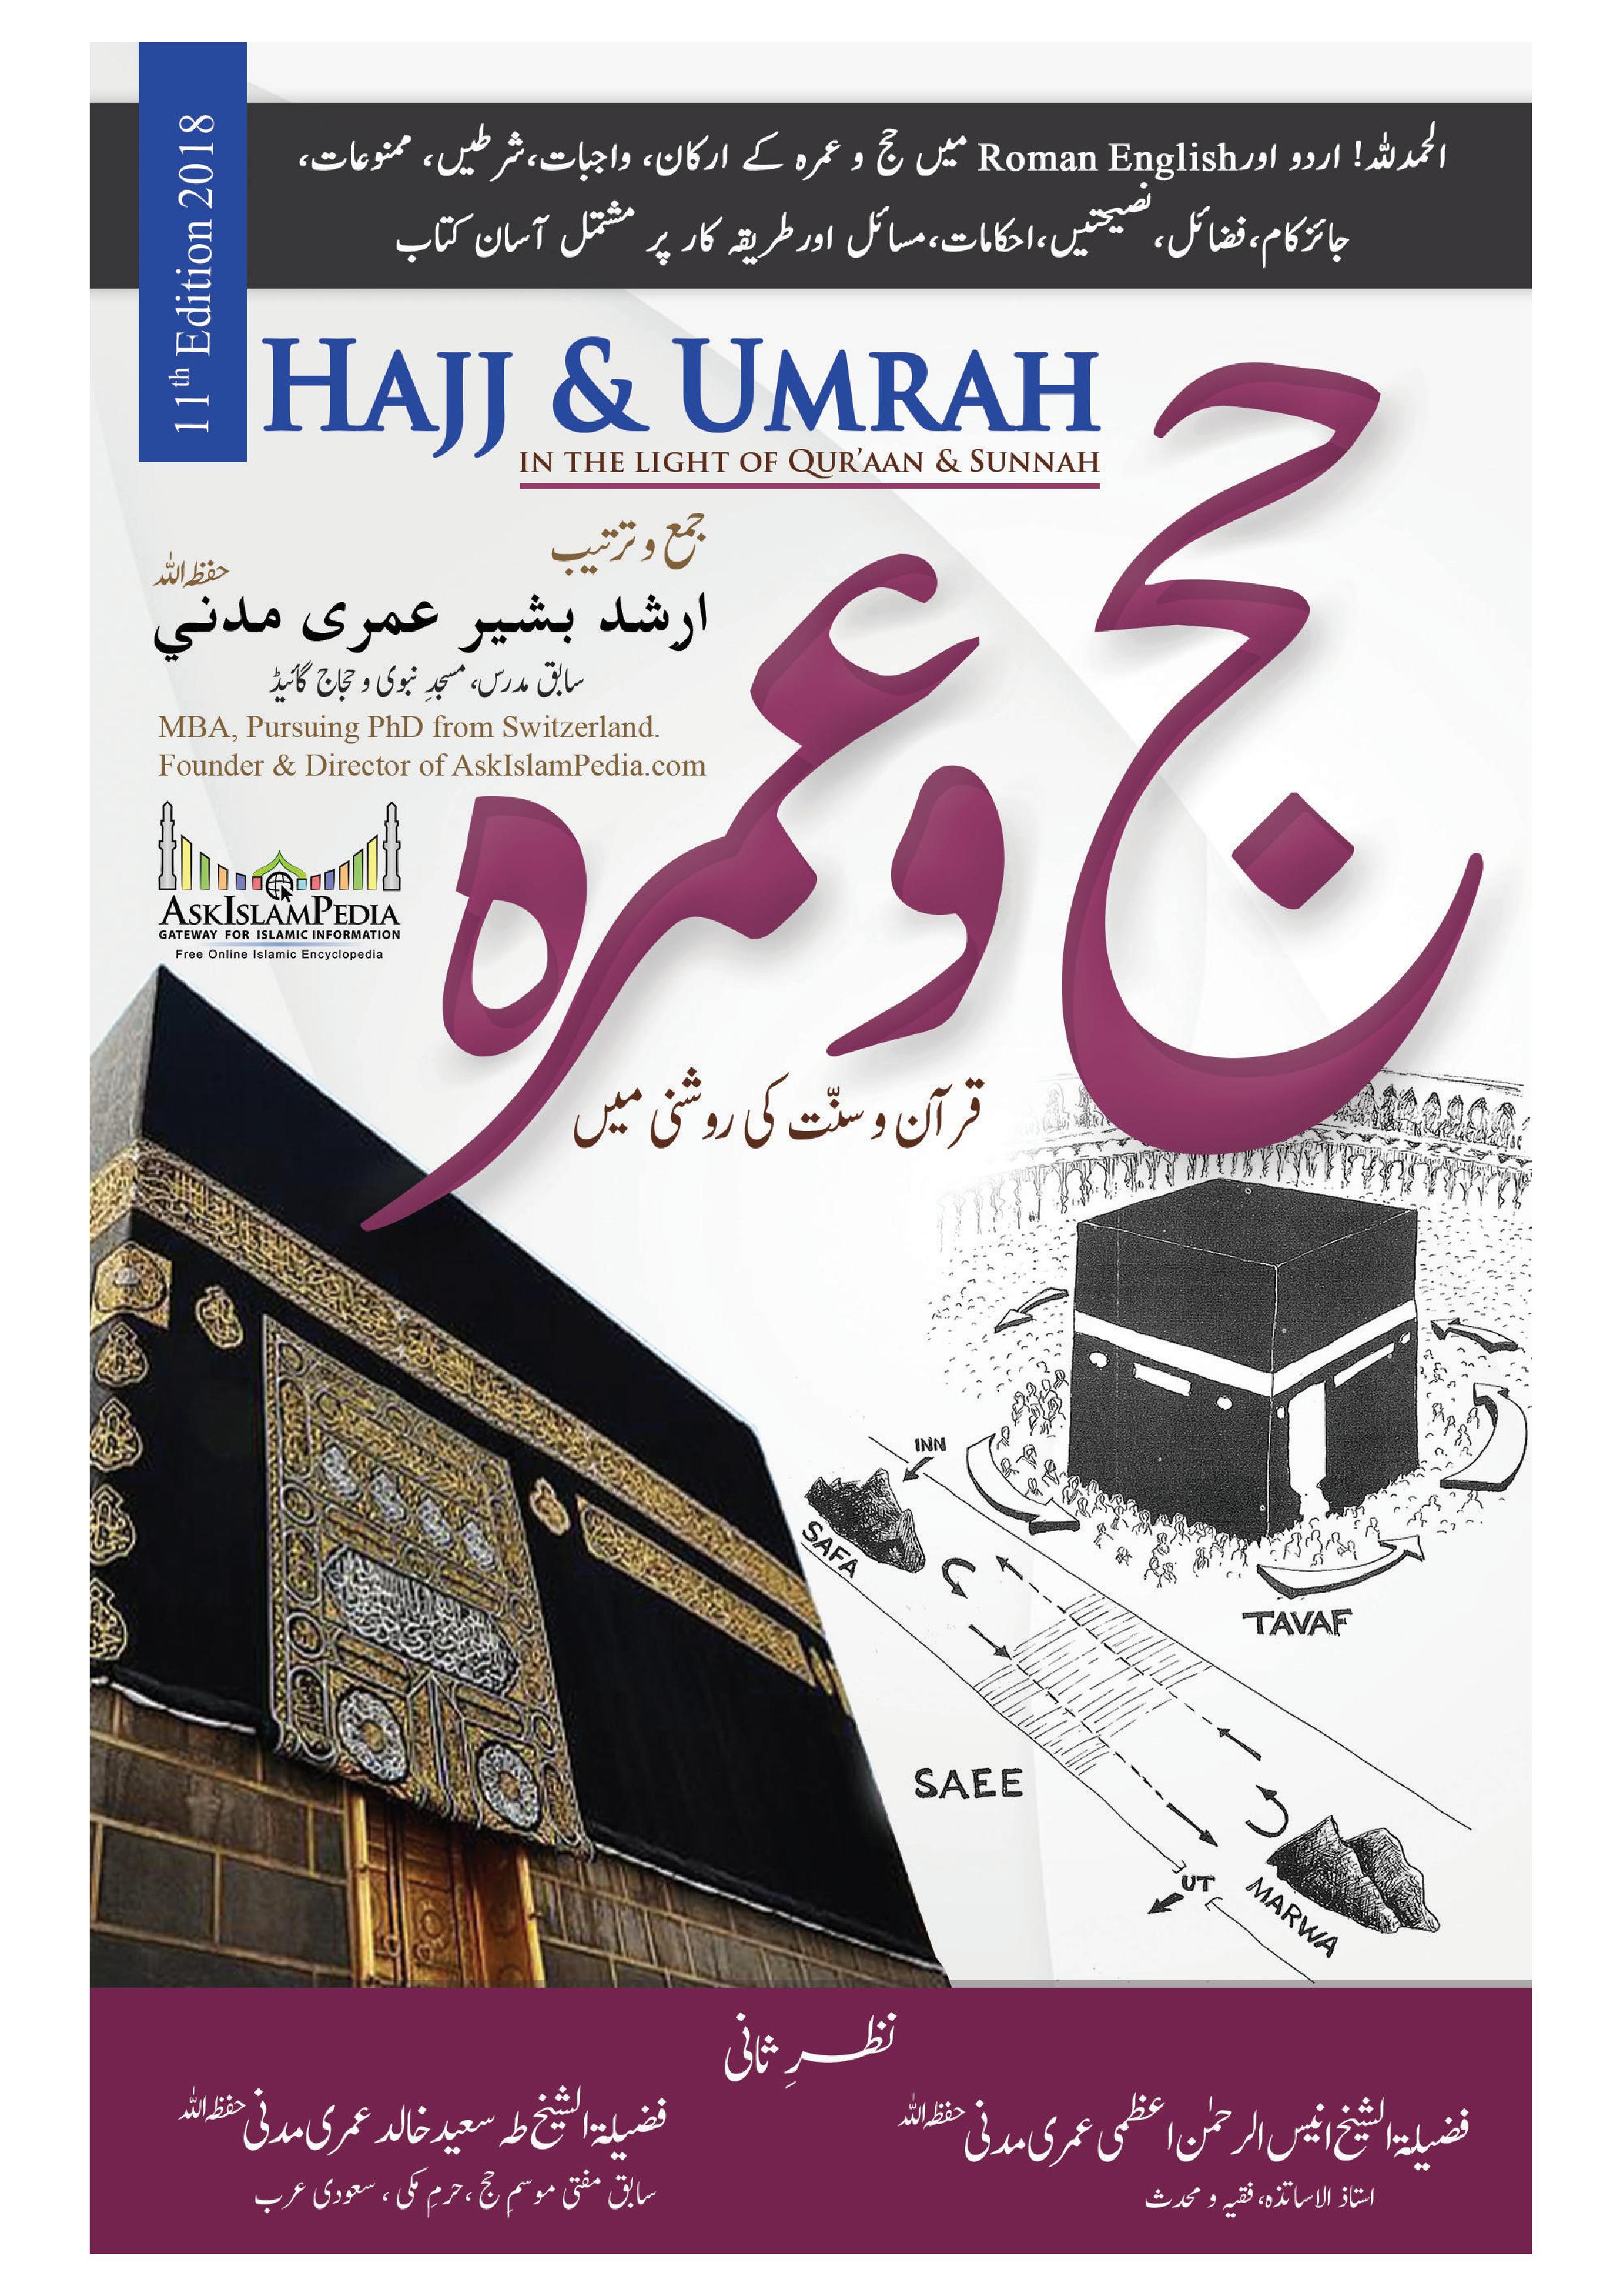 Hajj-and-Umrah-Book_0001.png